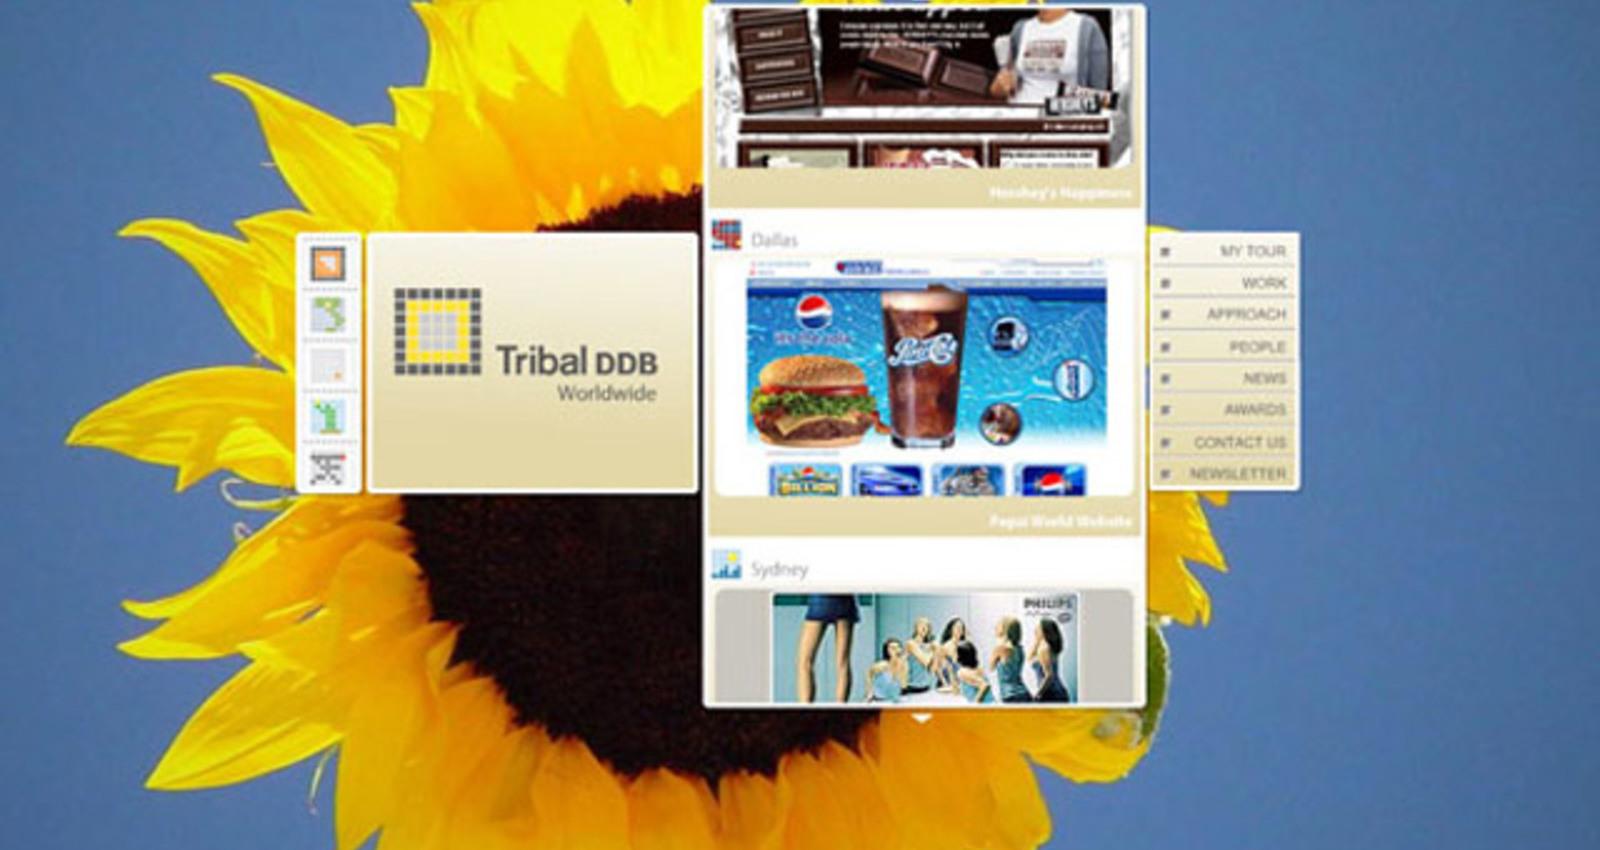 Tribal DDB Worldwide Web Site